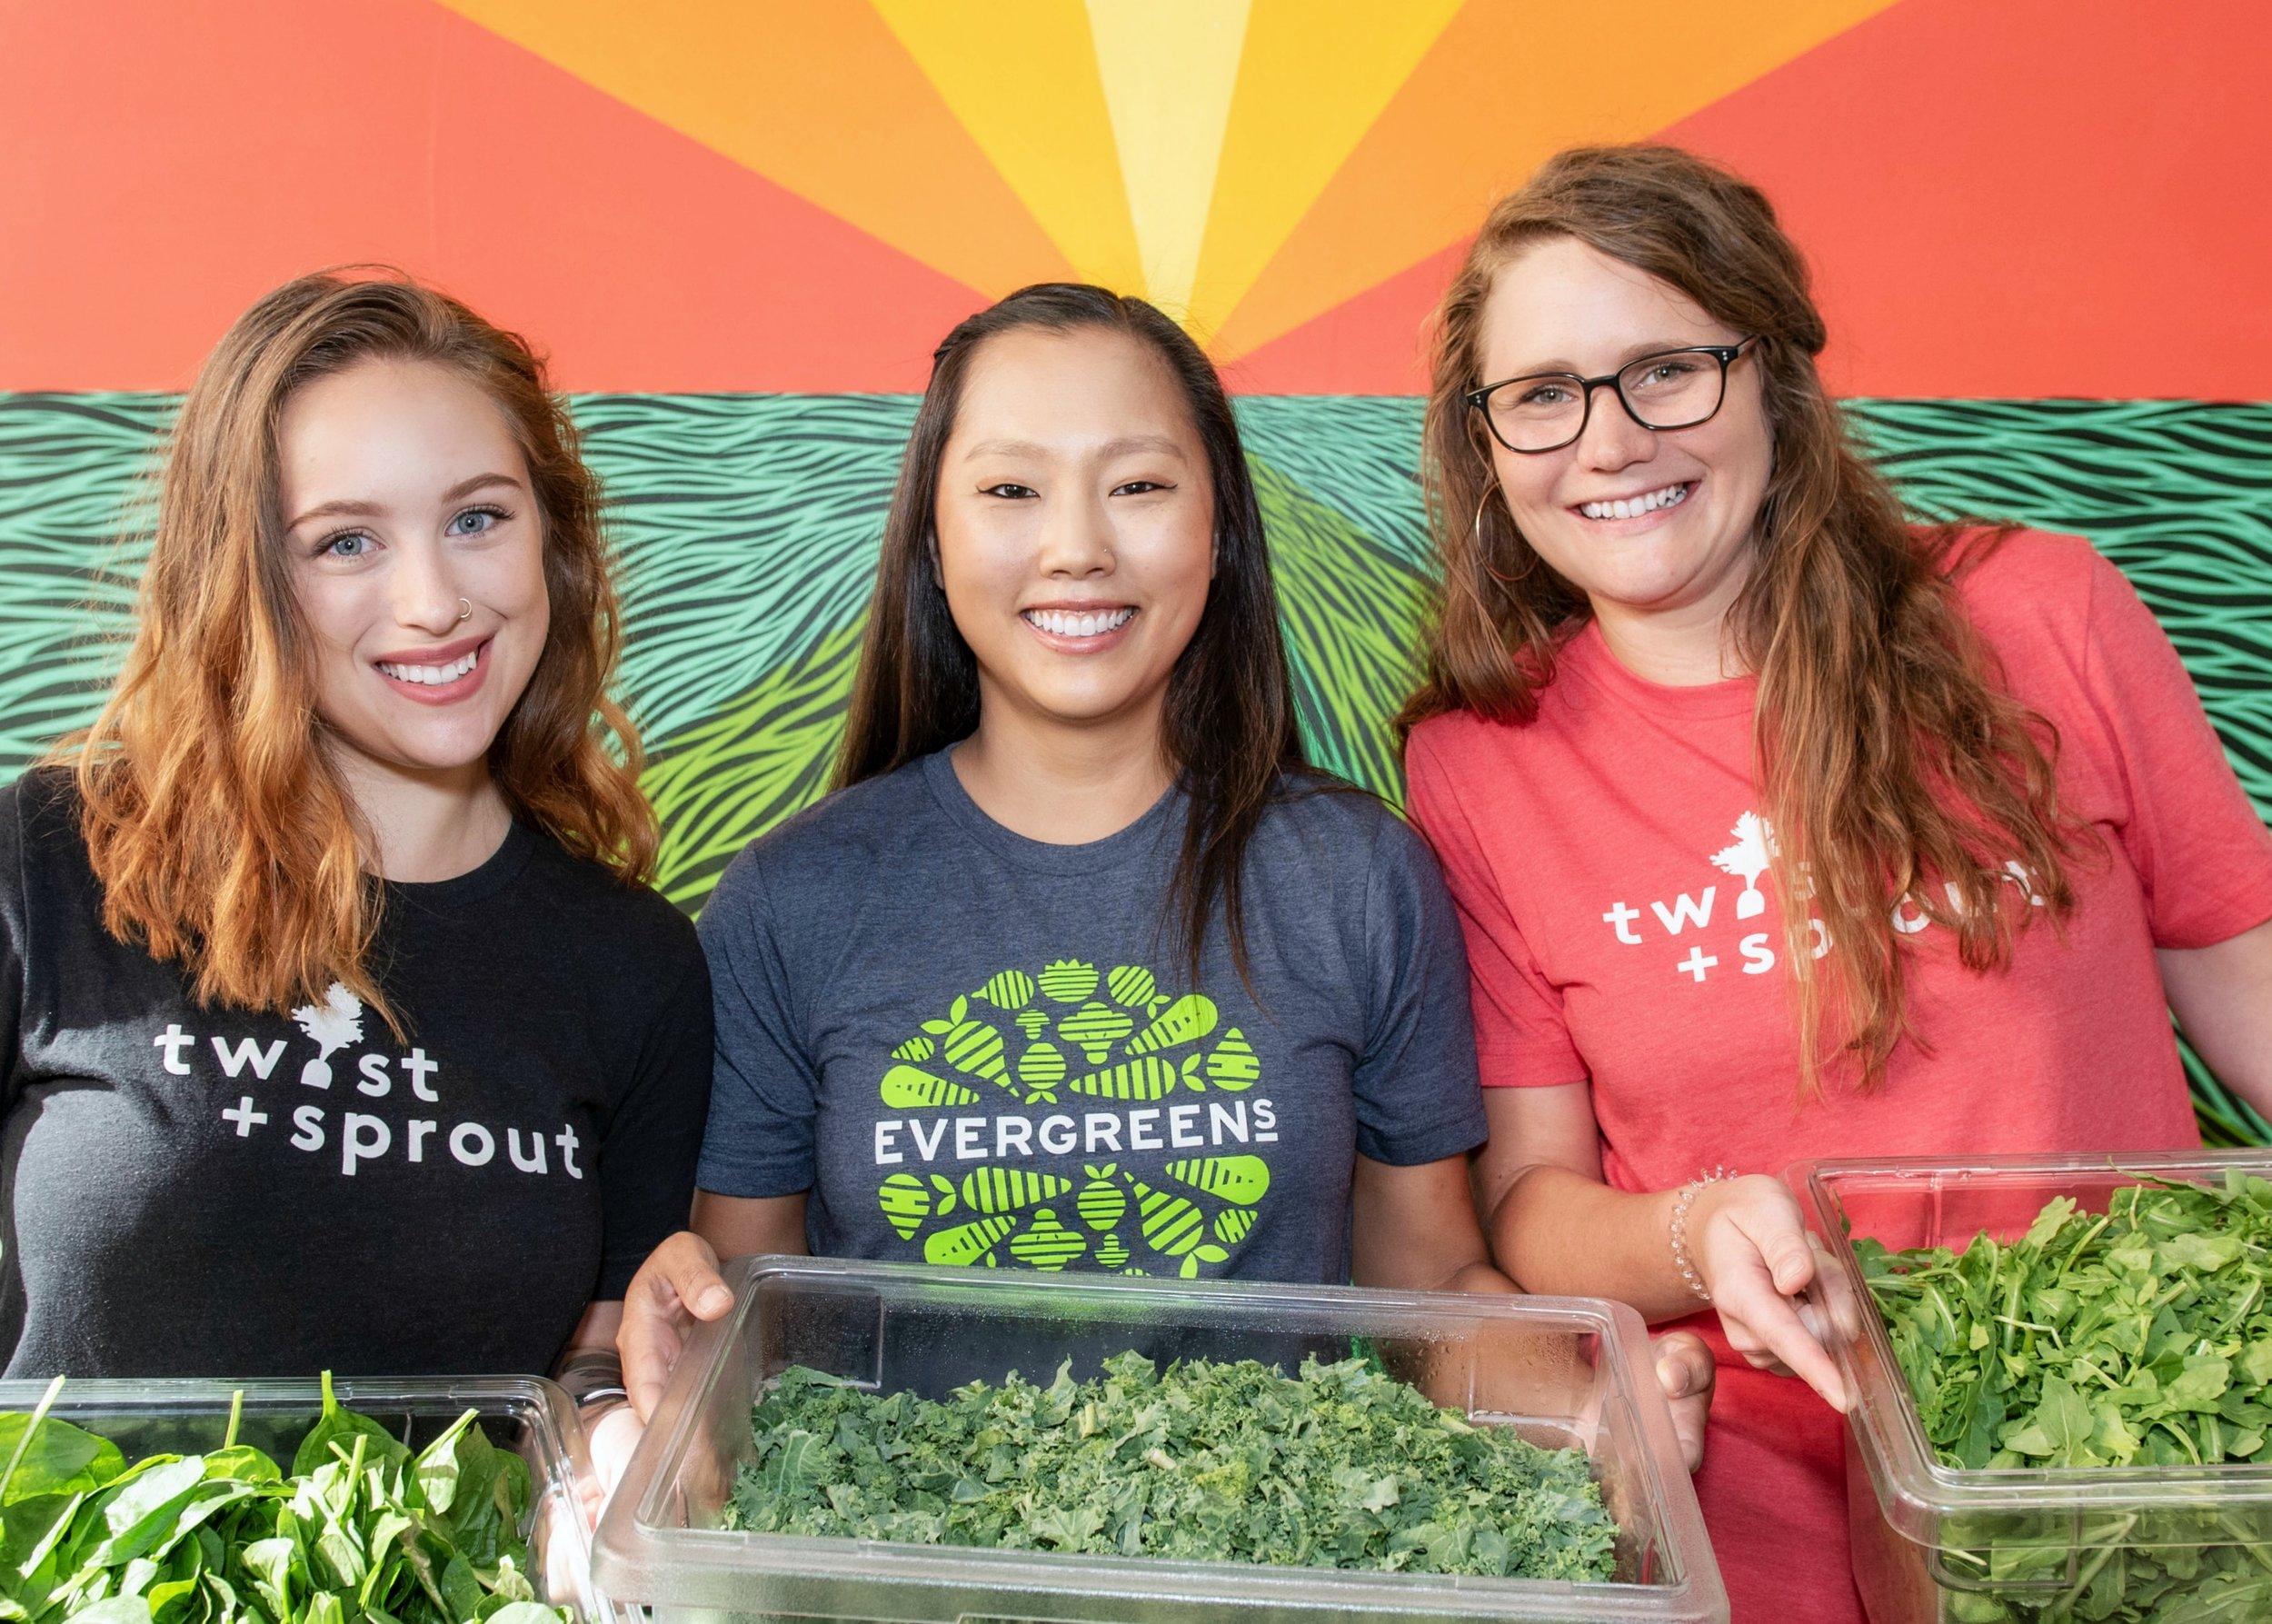 garden-bar-evergreens-salads-news